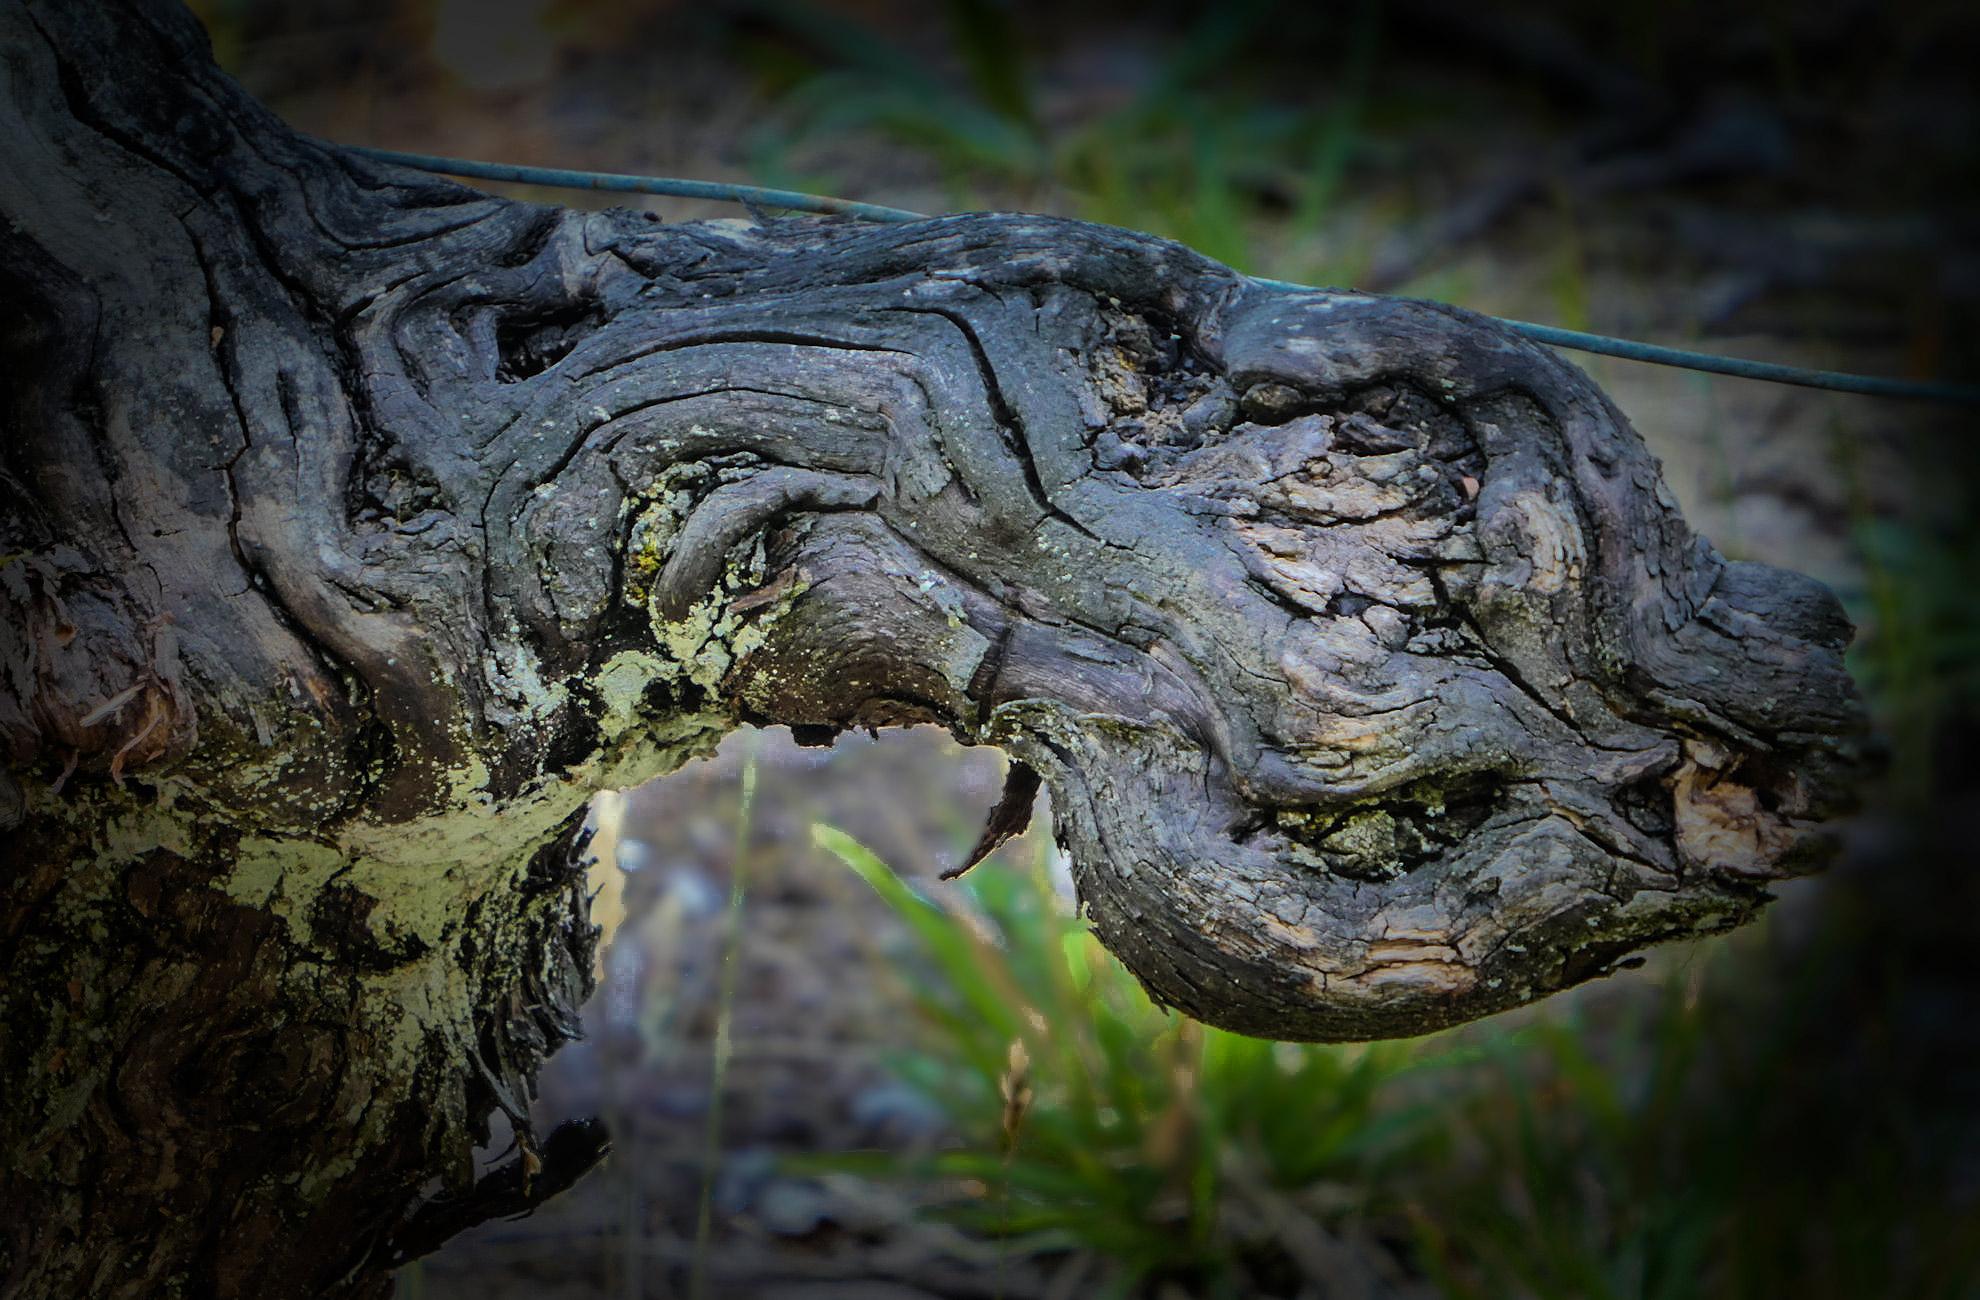 Vieux cep de vigne à la mine torturée